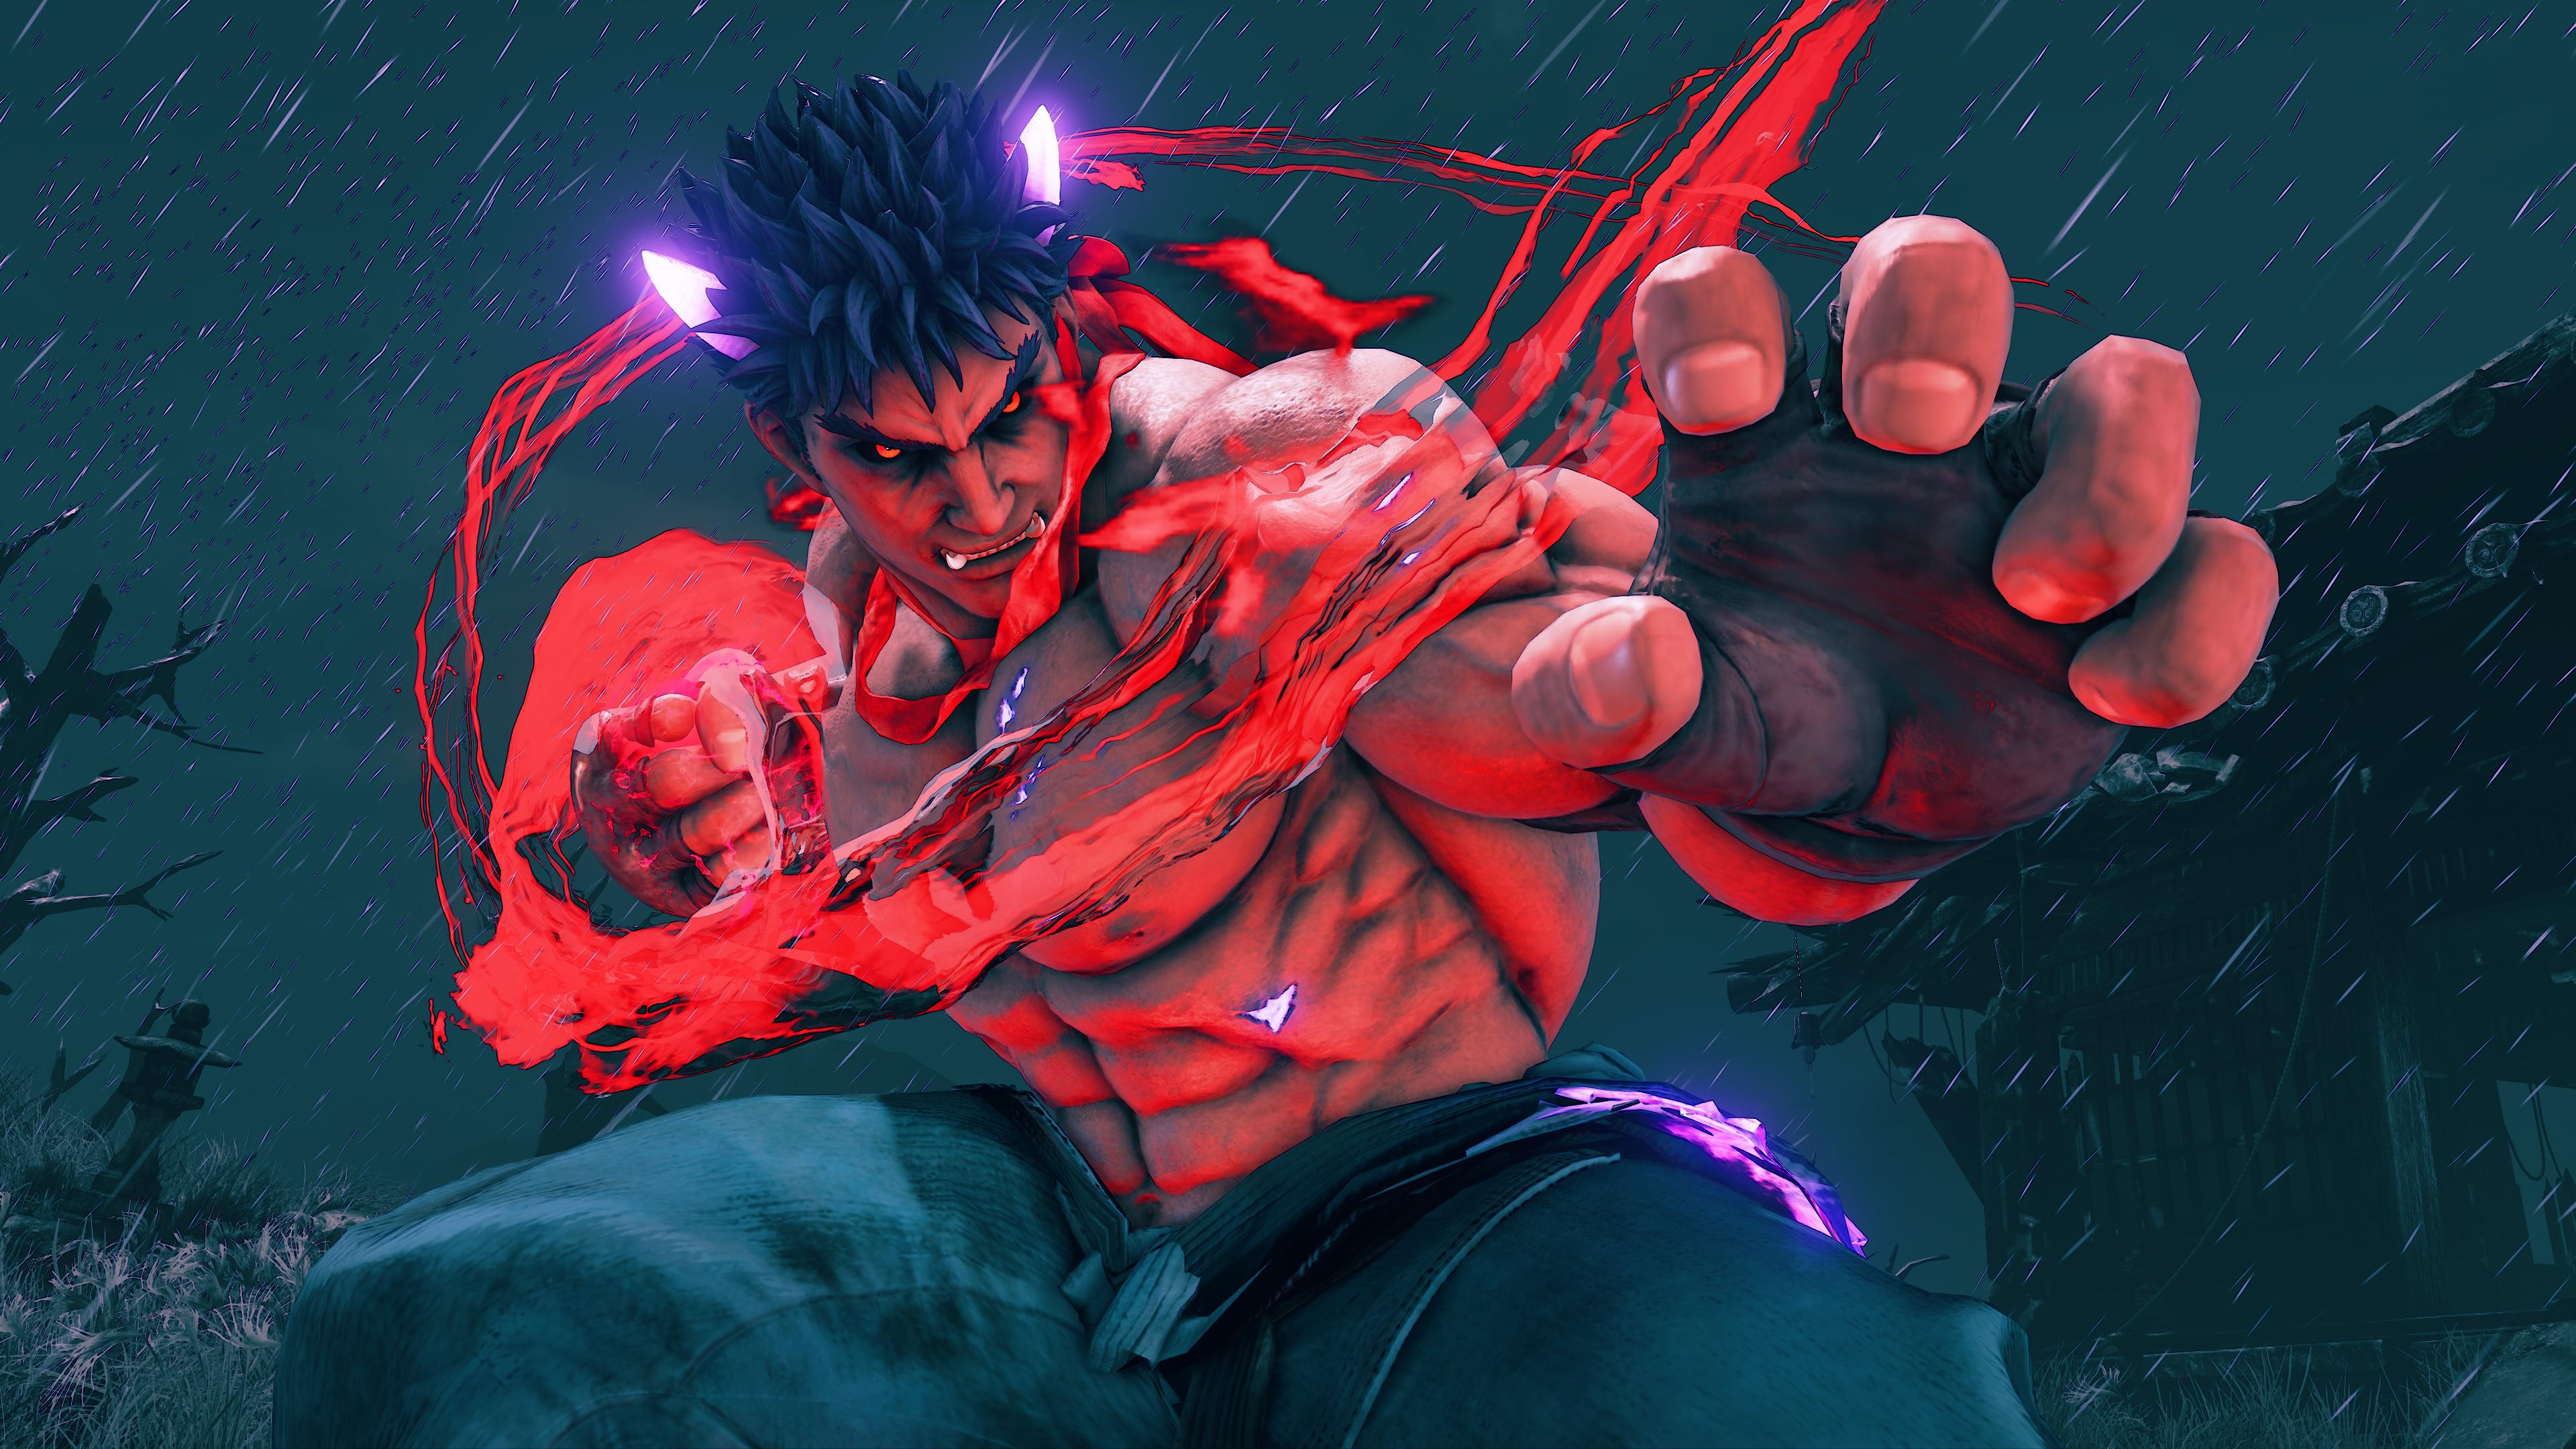 Street Fighter V 4k 2019 Hd Games 4k Wallpapers Images